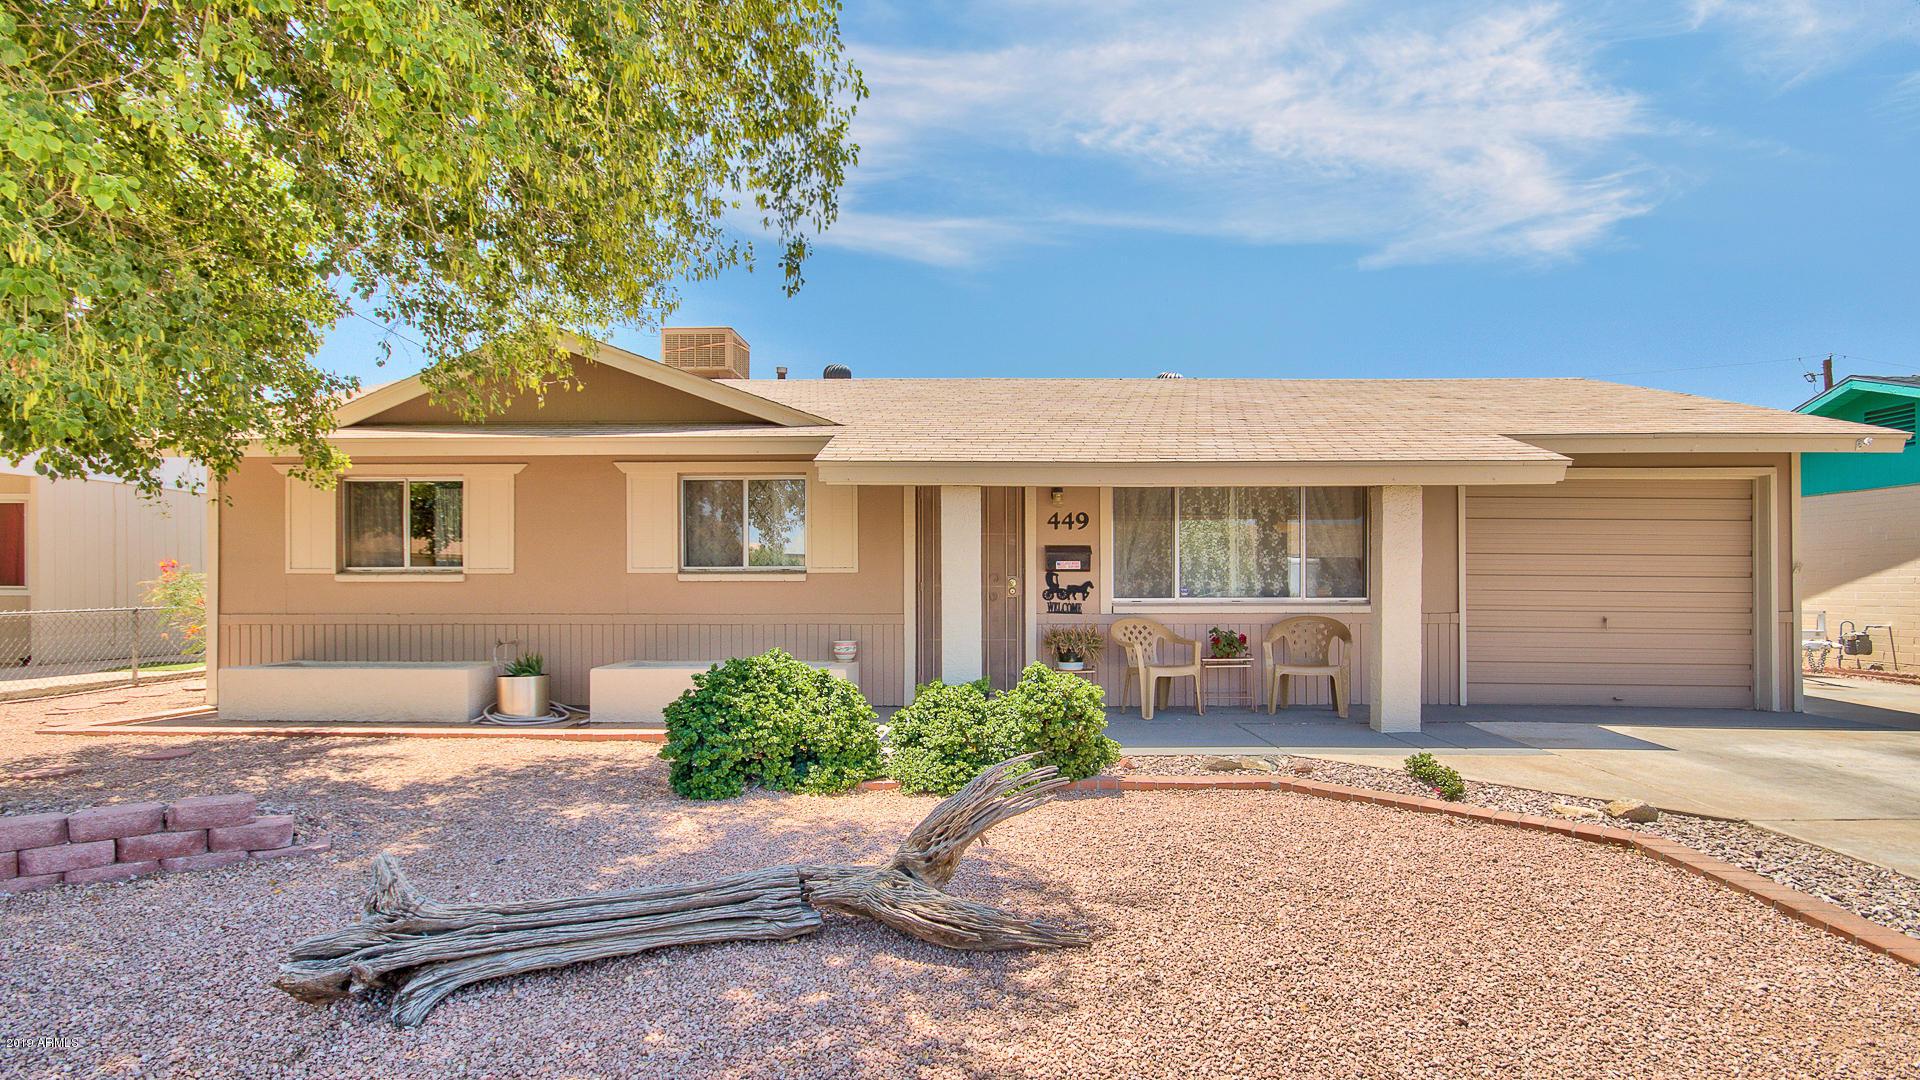 Photo of 449 E SAN TAN Street, Chandler, AZ 85225